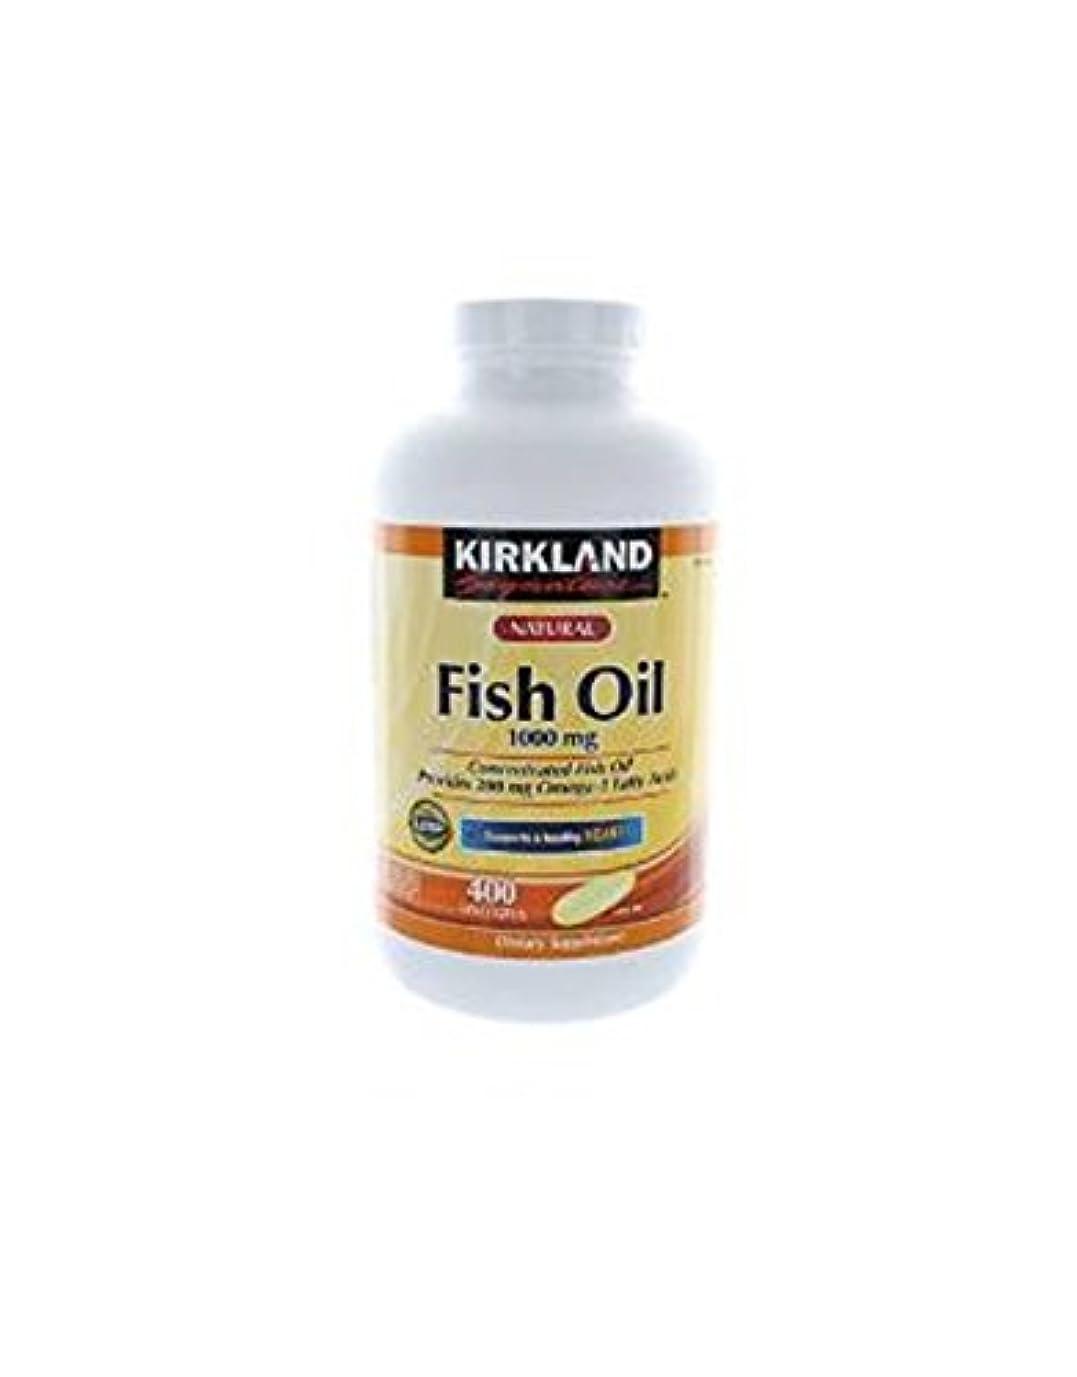 太平洋諸島蓋細心のKirkland Signature Omega-3 Fish Oil Concentrate, 400 Softgels, 1000 mg Fish Oil with 30% Omega-3s (300 mg) 1200...